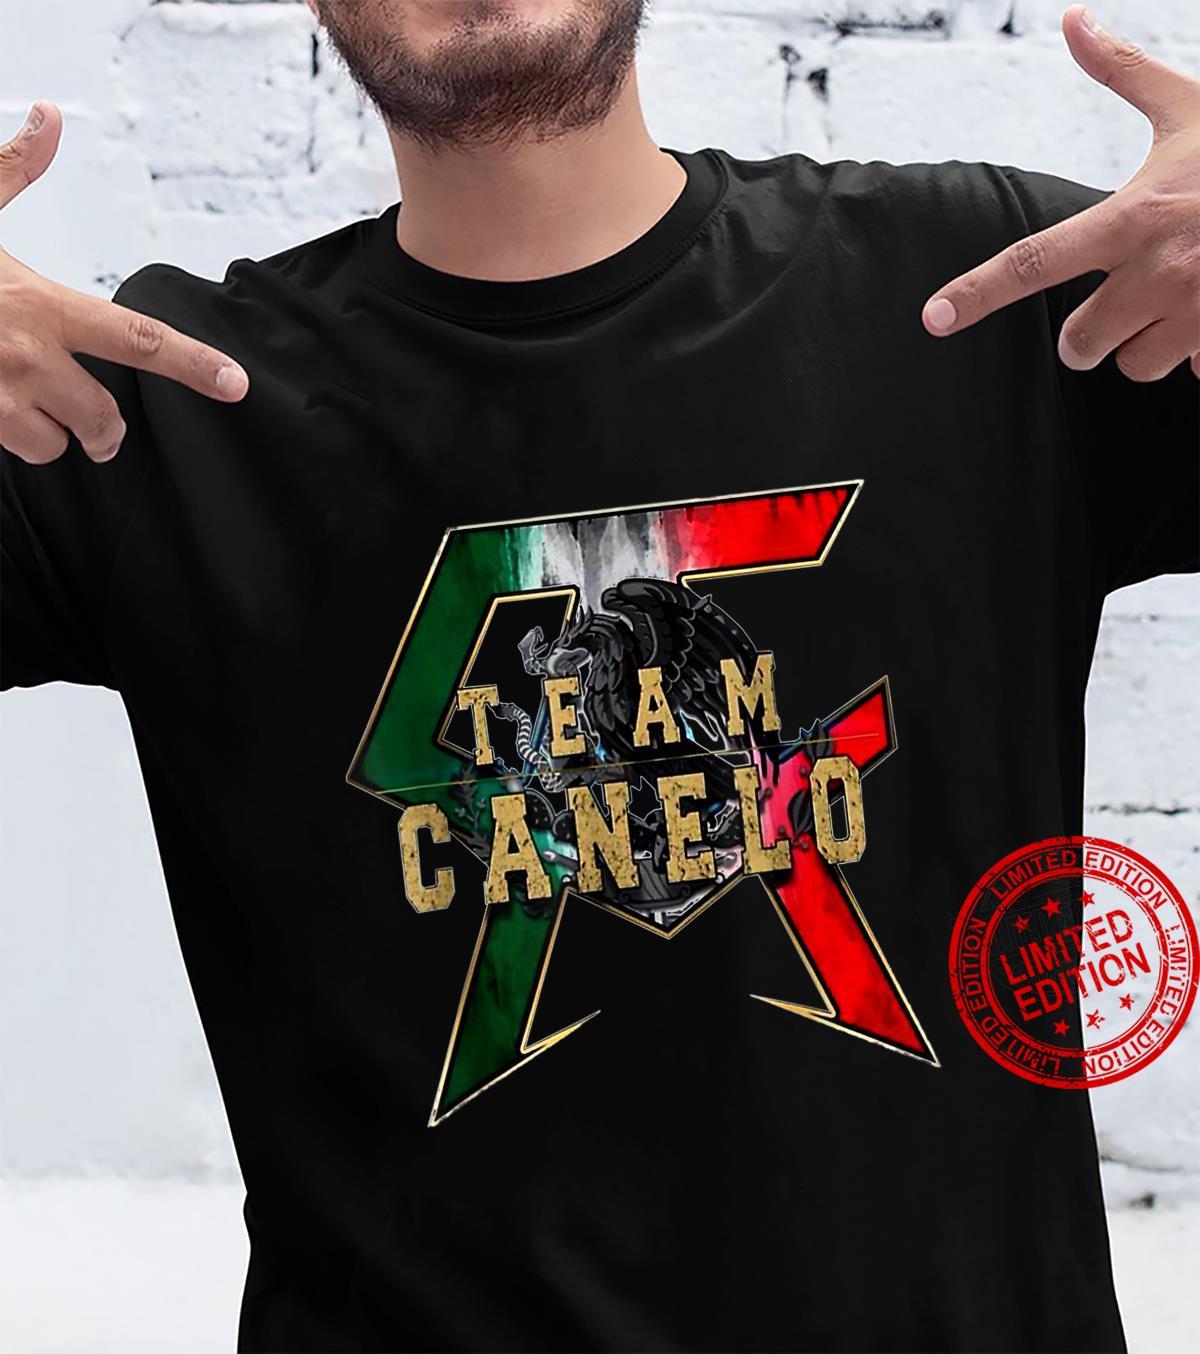 Canelos Saul Alvarez Boxer Shirt